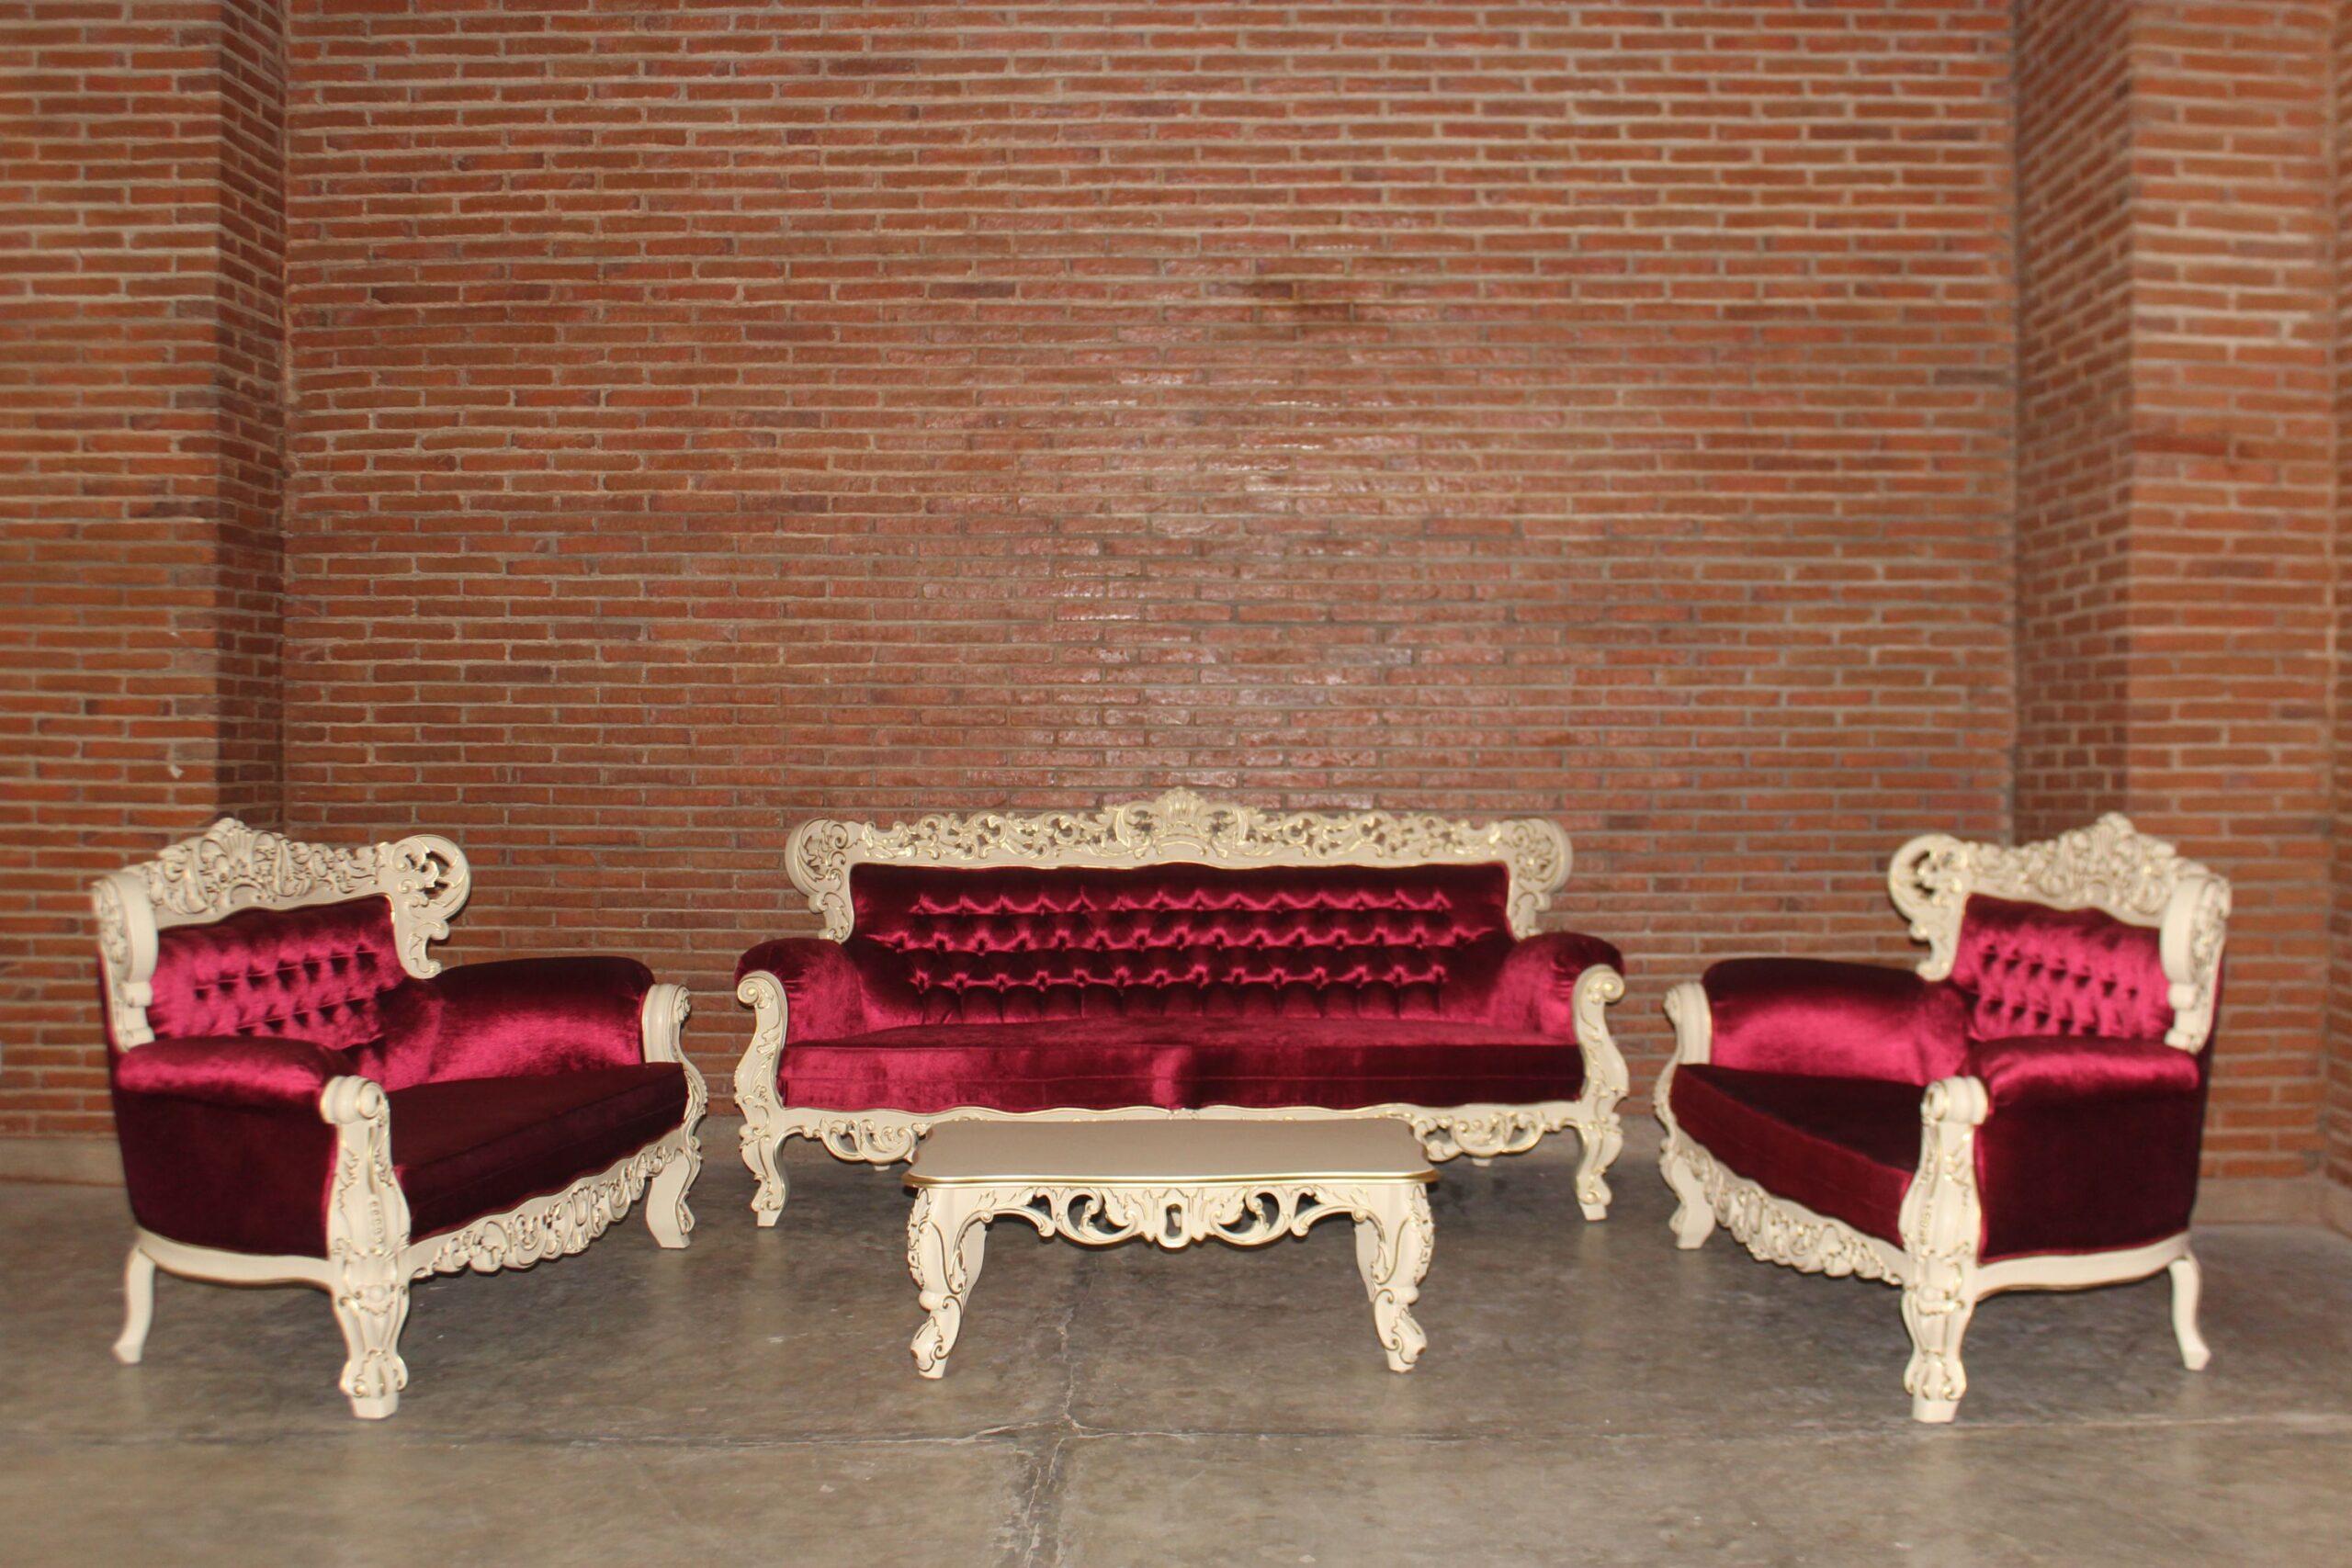 Full Size of Sofa Barock Grau Schwarz Set Gebraucht Sofas Baroque Style Stil Kaufen Schlaffunktion Landhausstil Bora 3er Ewald Schillig Kleines Mit Abnehmbaren Bezug Sofa Sofa Barock